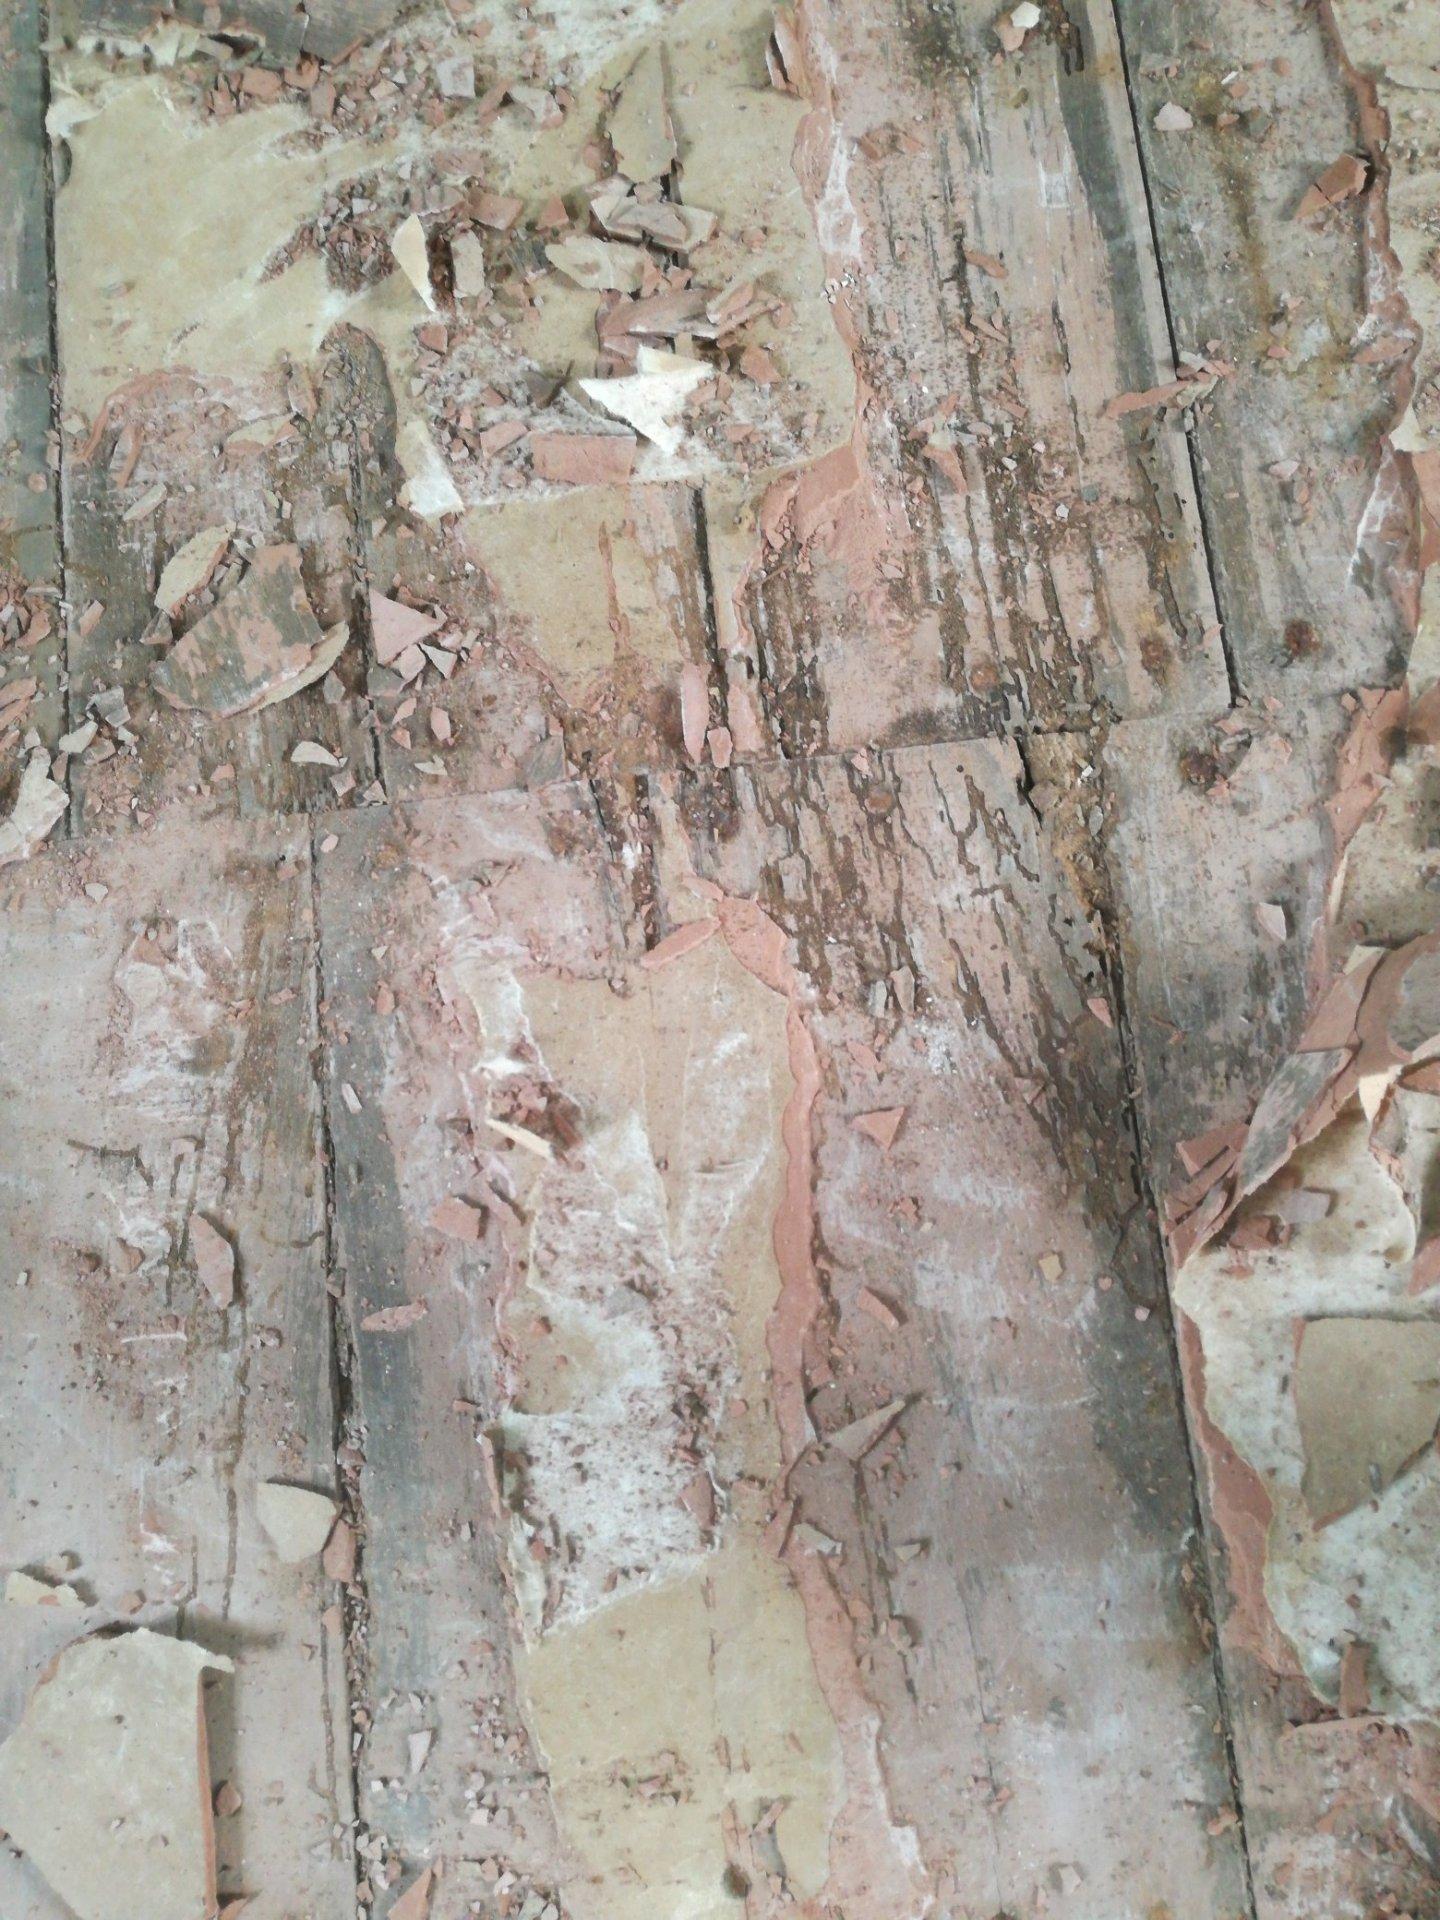 Beliebt Über 200 Jahre alter Dielenboden - erhalten, OSB-Platten drauf UK26